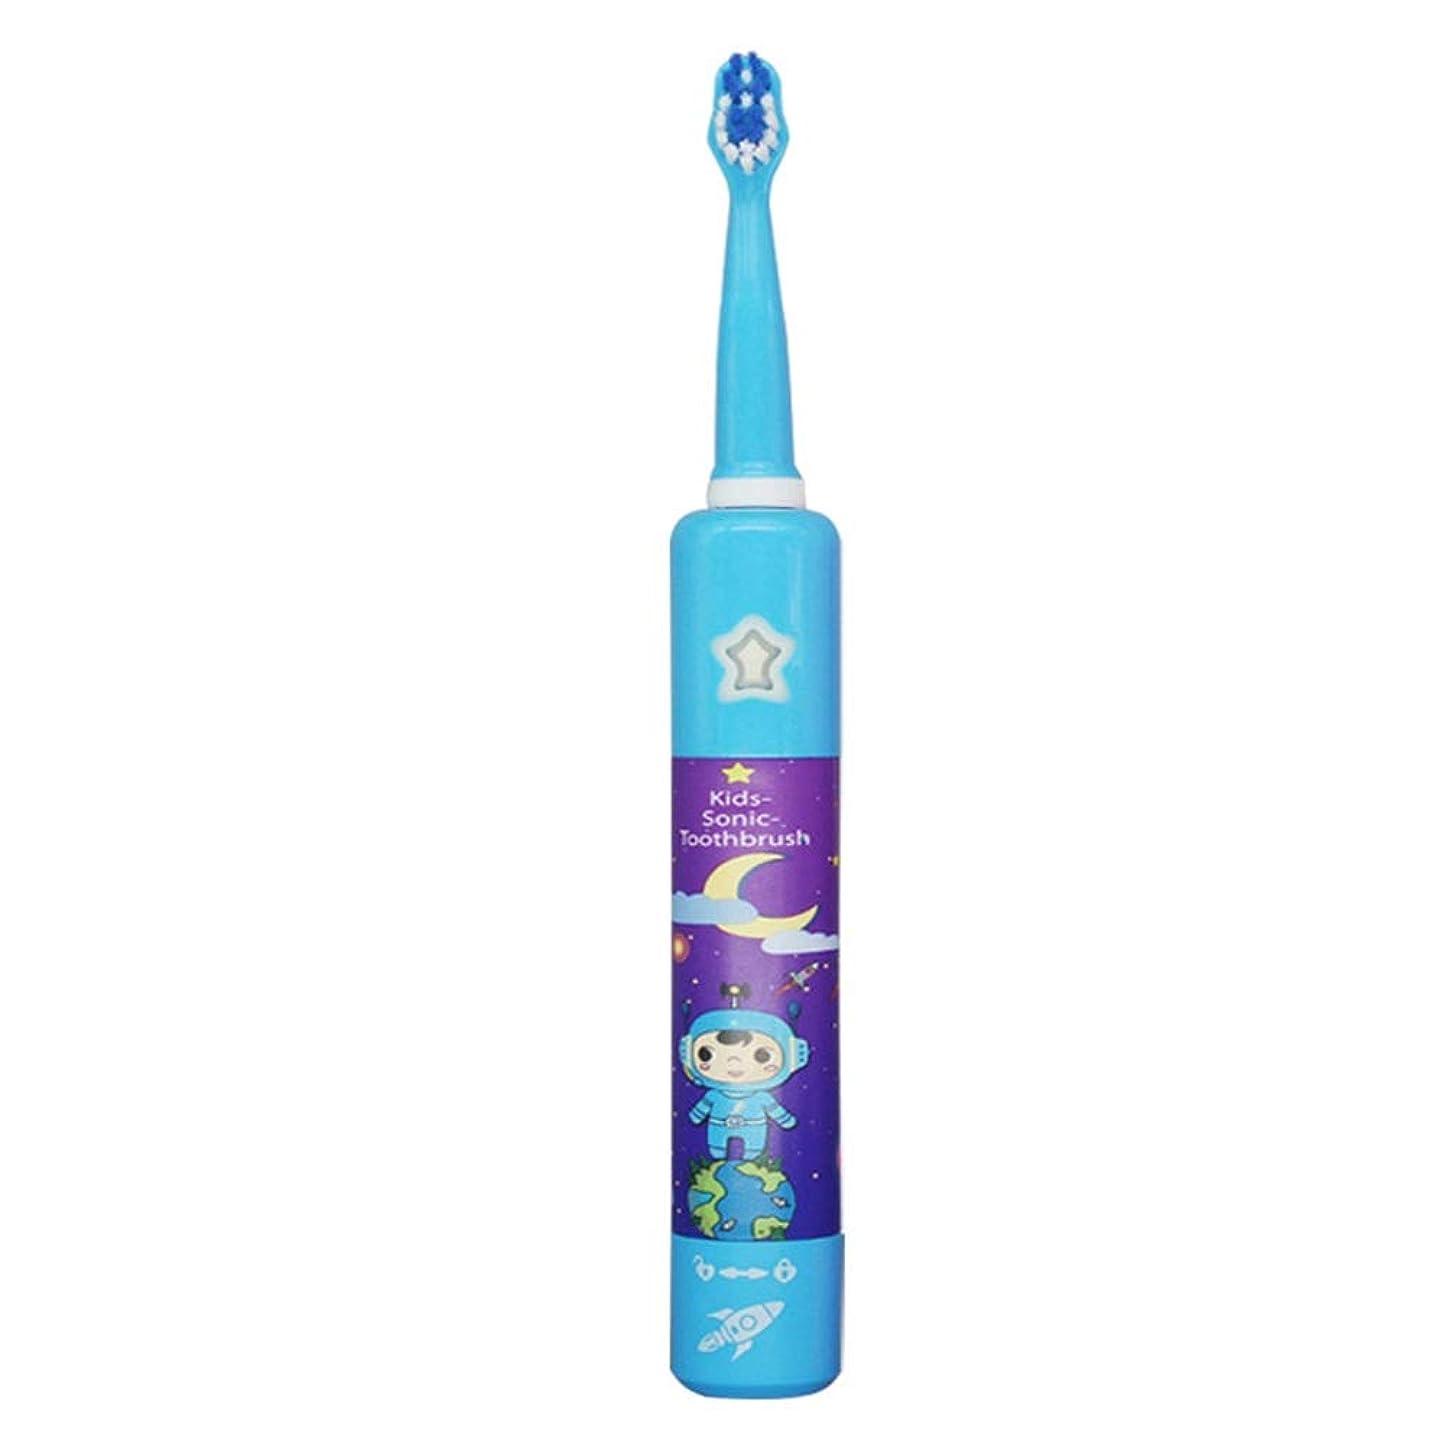 引っ張るパケット全滅させる子供の電気USB充電式歯ブラシかわいい柔らかい髪音楽歯ブラシホルダーと1つの交換用ヘッド (色 : 青, サイズ : Free size)